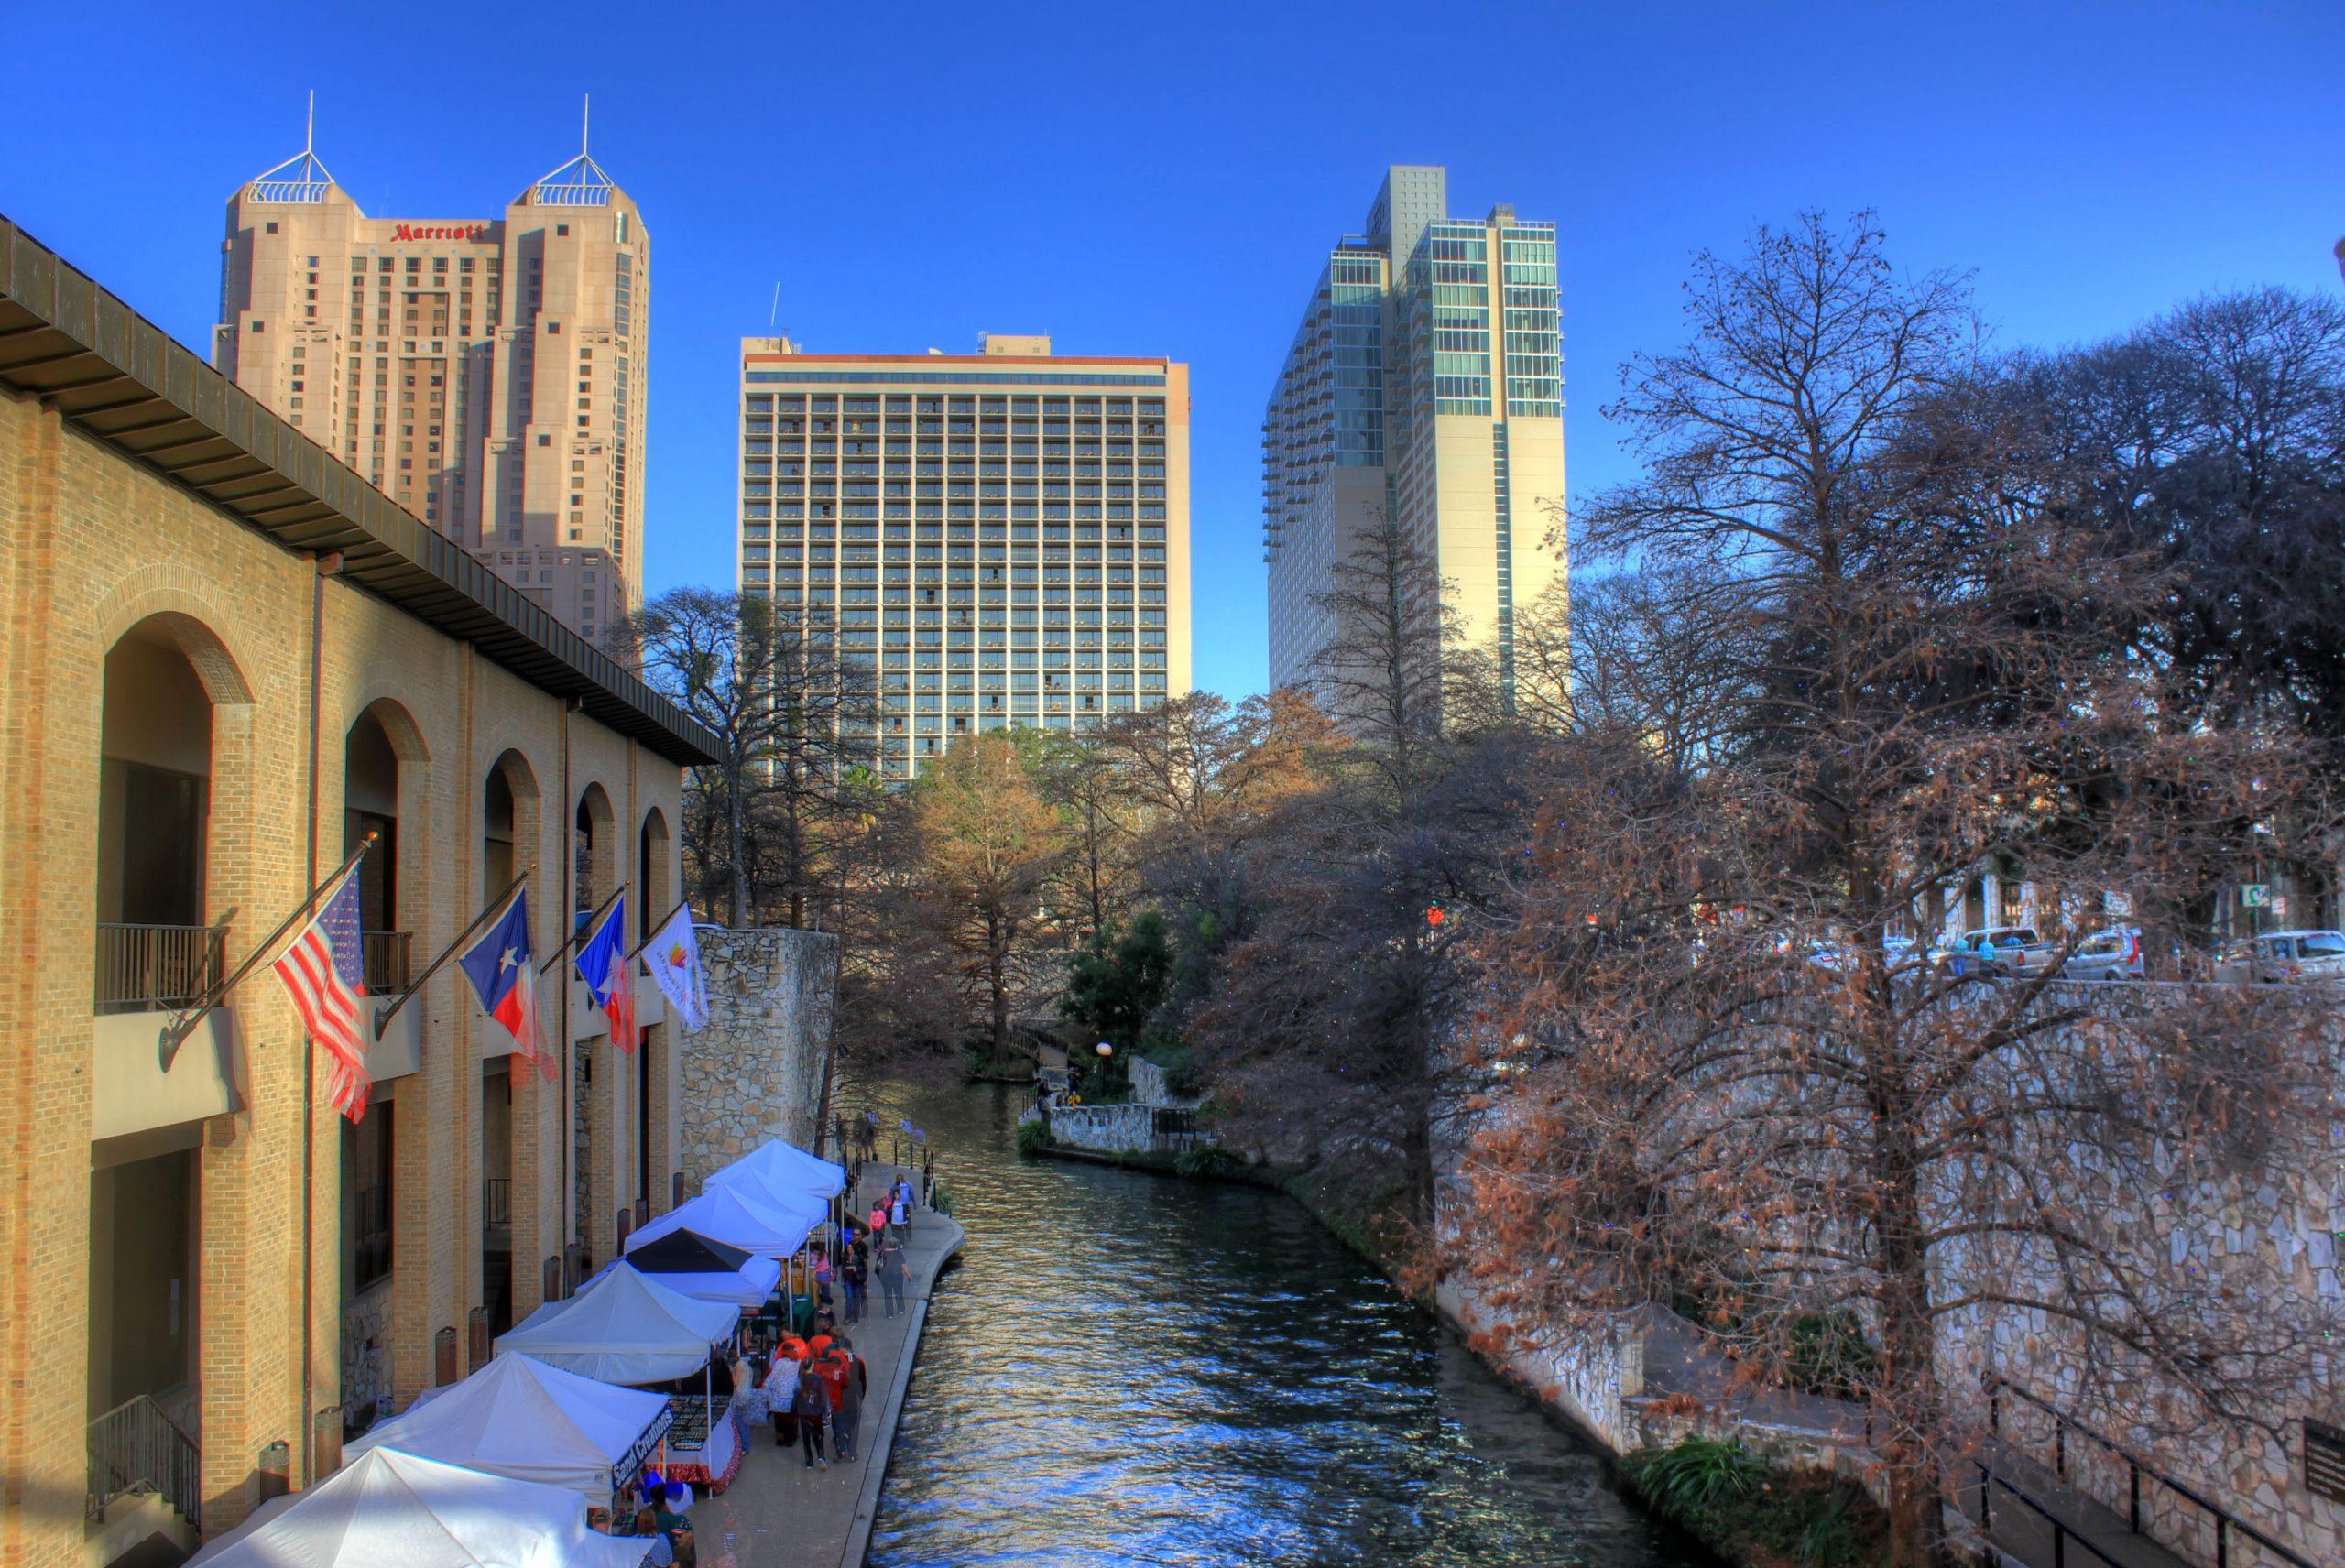 San Antonio - A Weekend Getaway In Texas